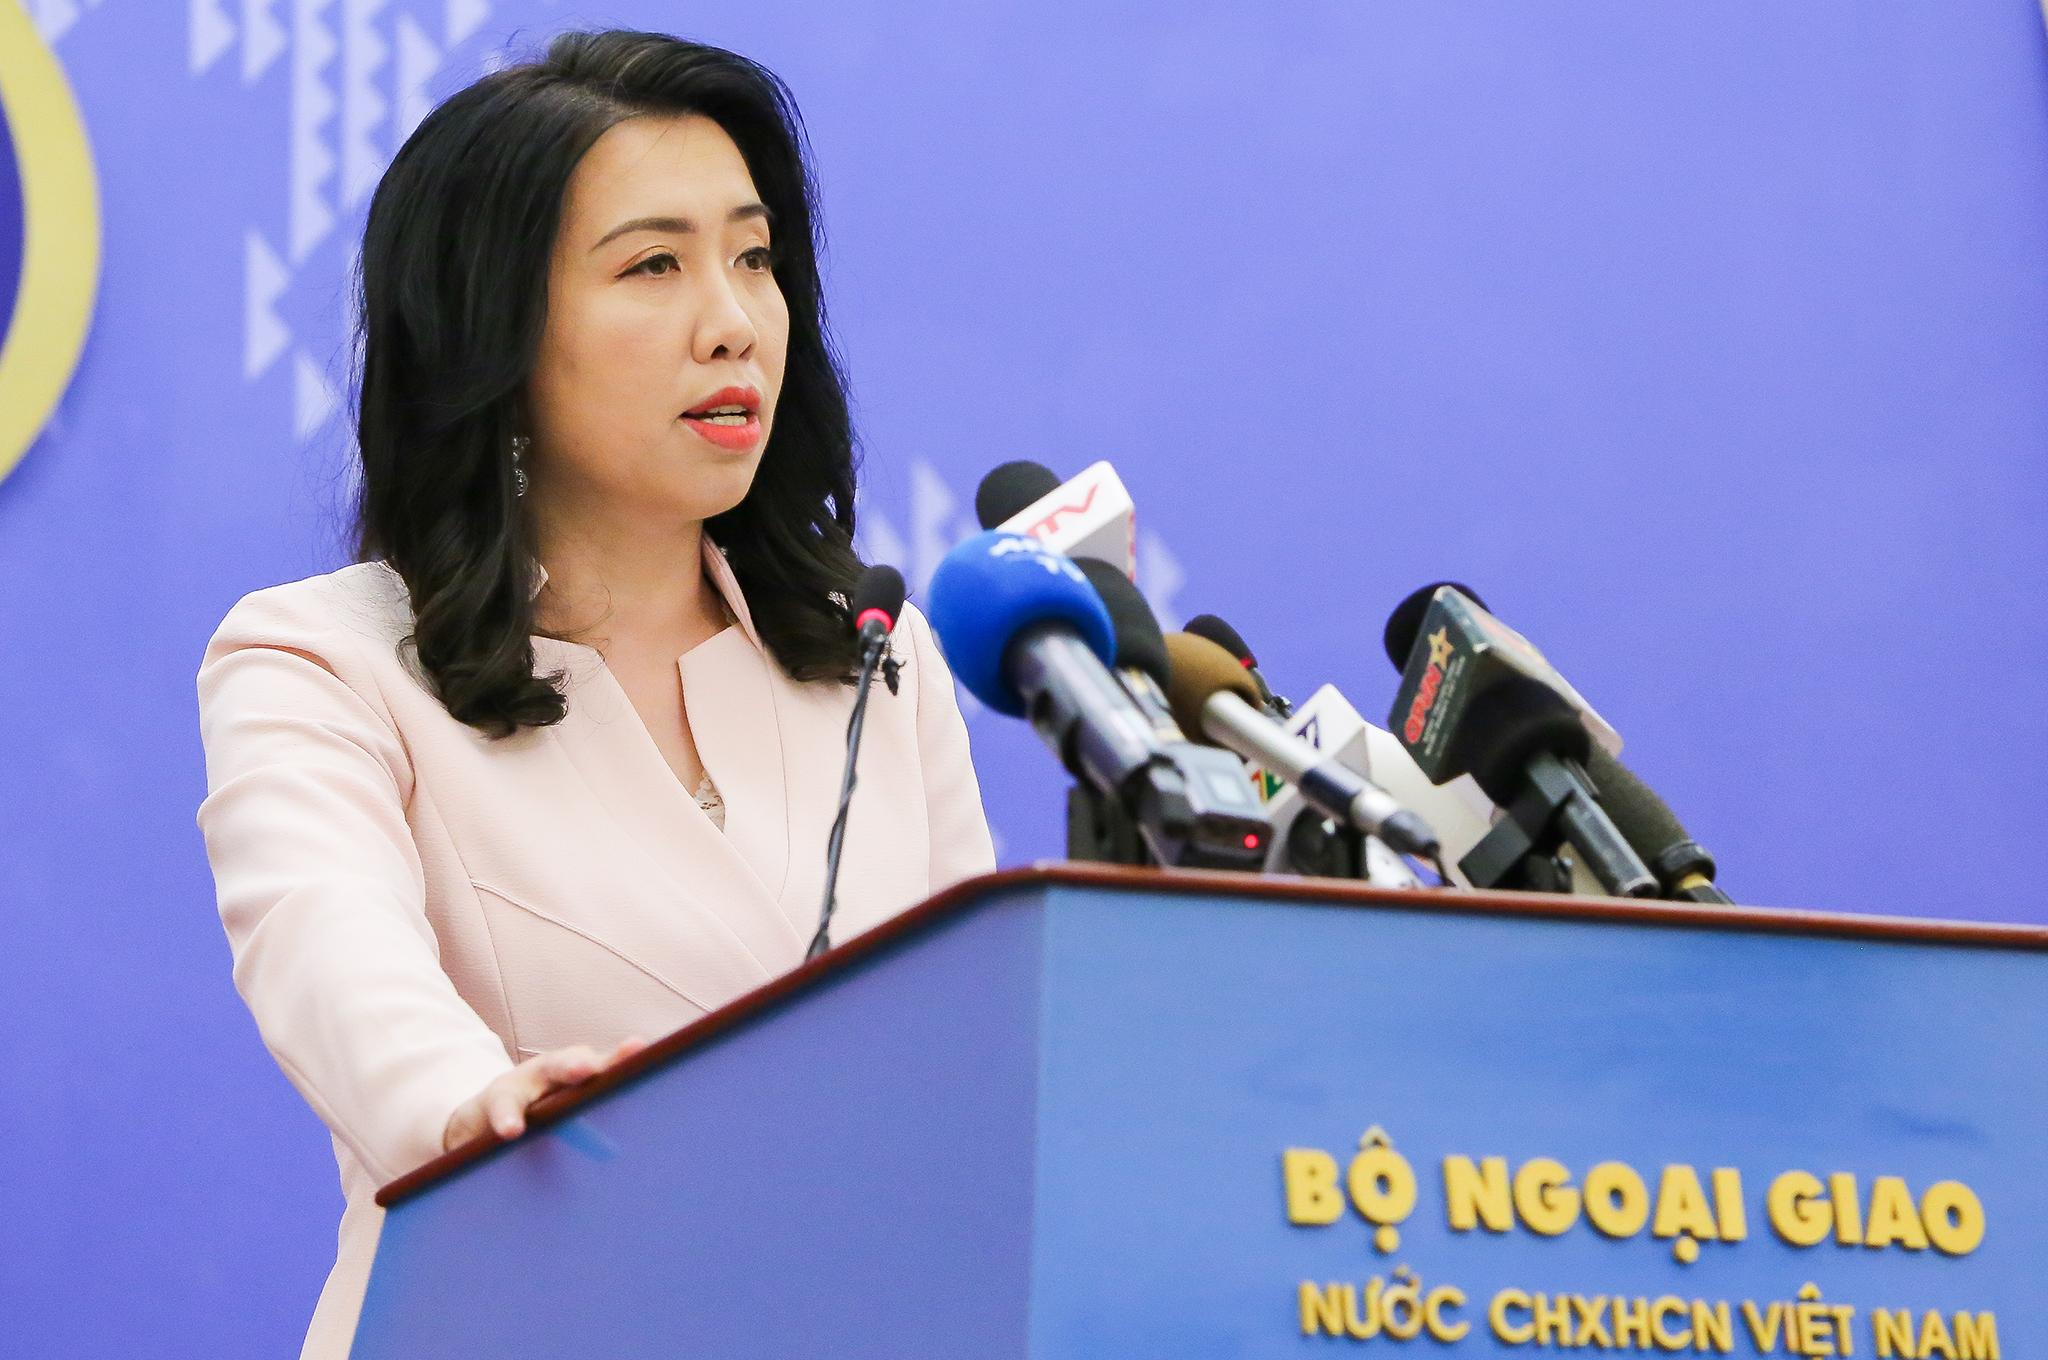 Nhóm tàu Hải Dương 8 dừng hoạt động ở vùng đặc quyền kinh tế và thềm lục địa của Việt Nam